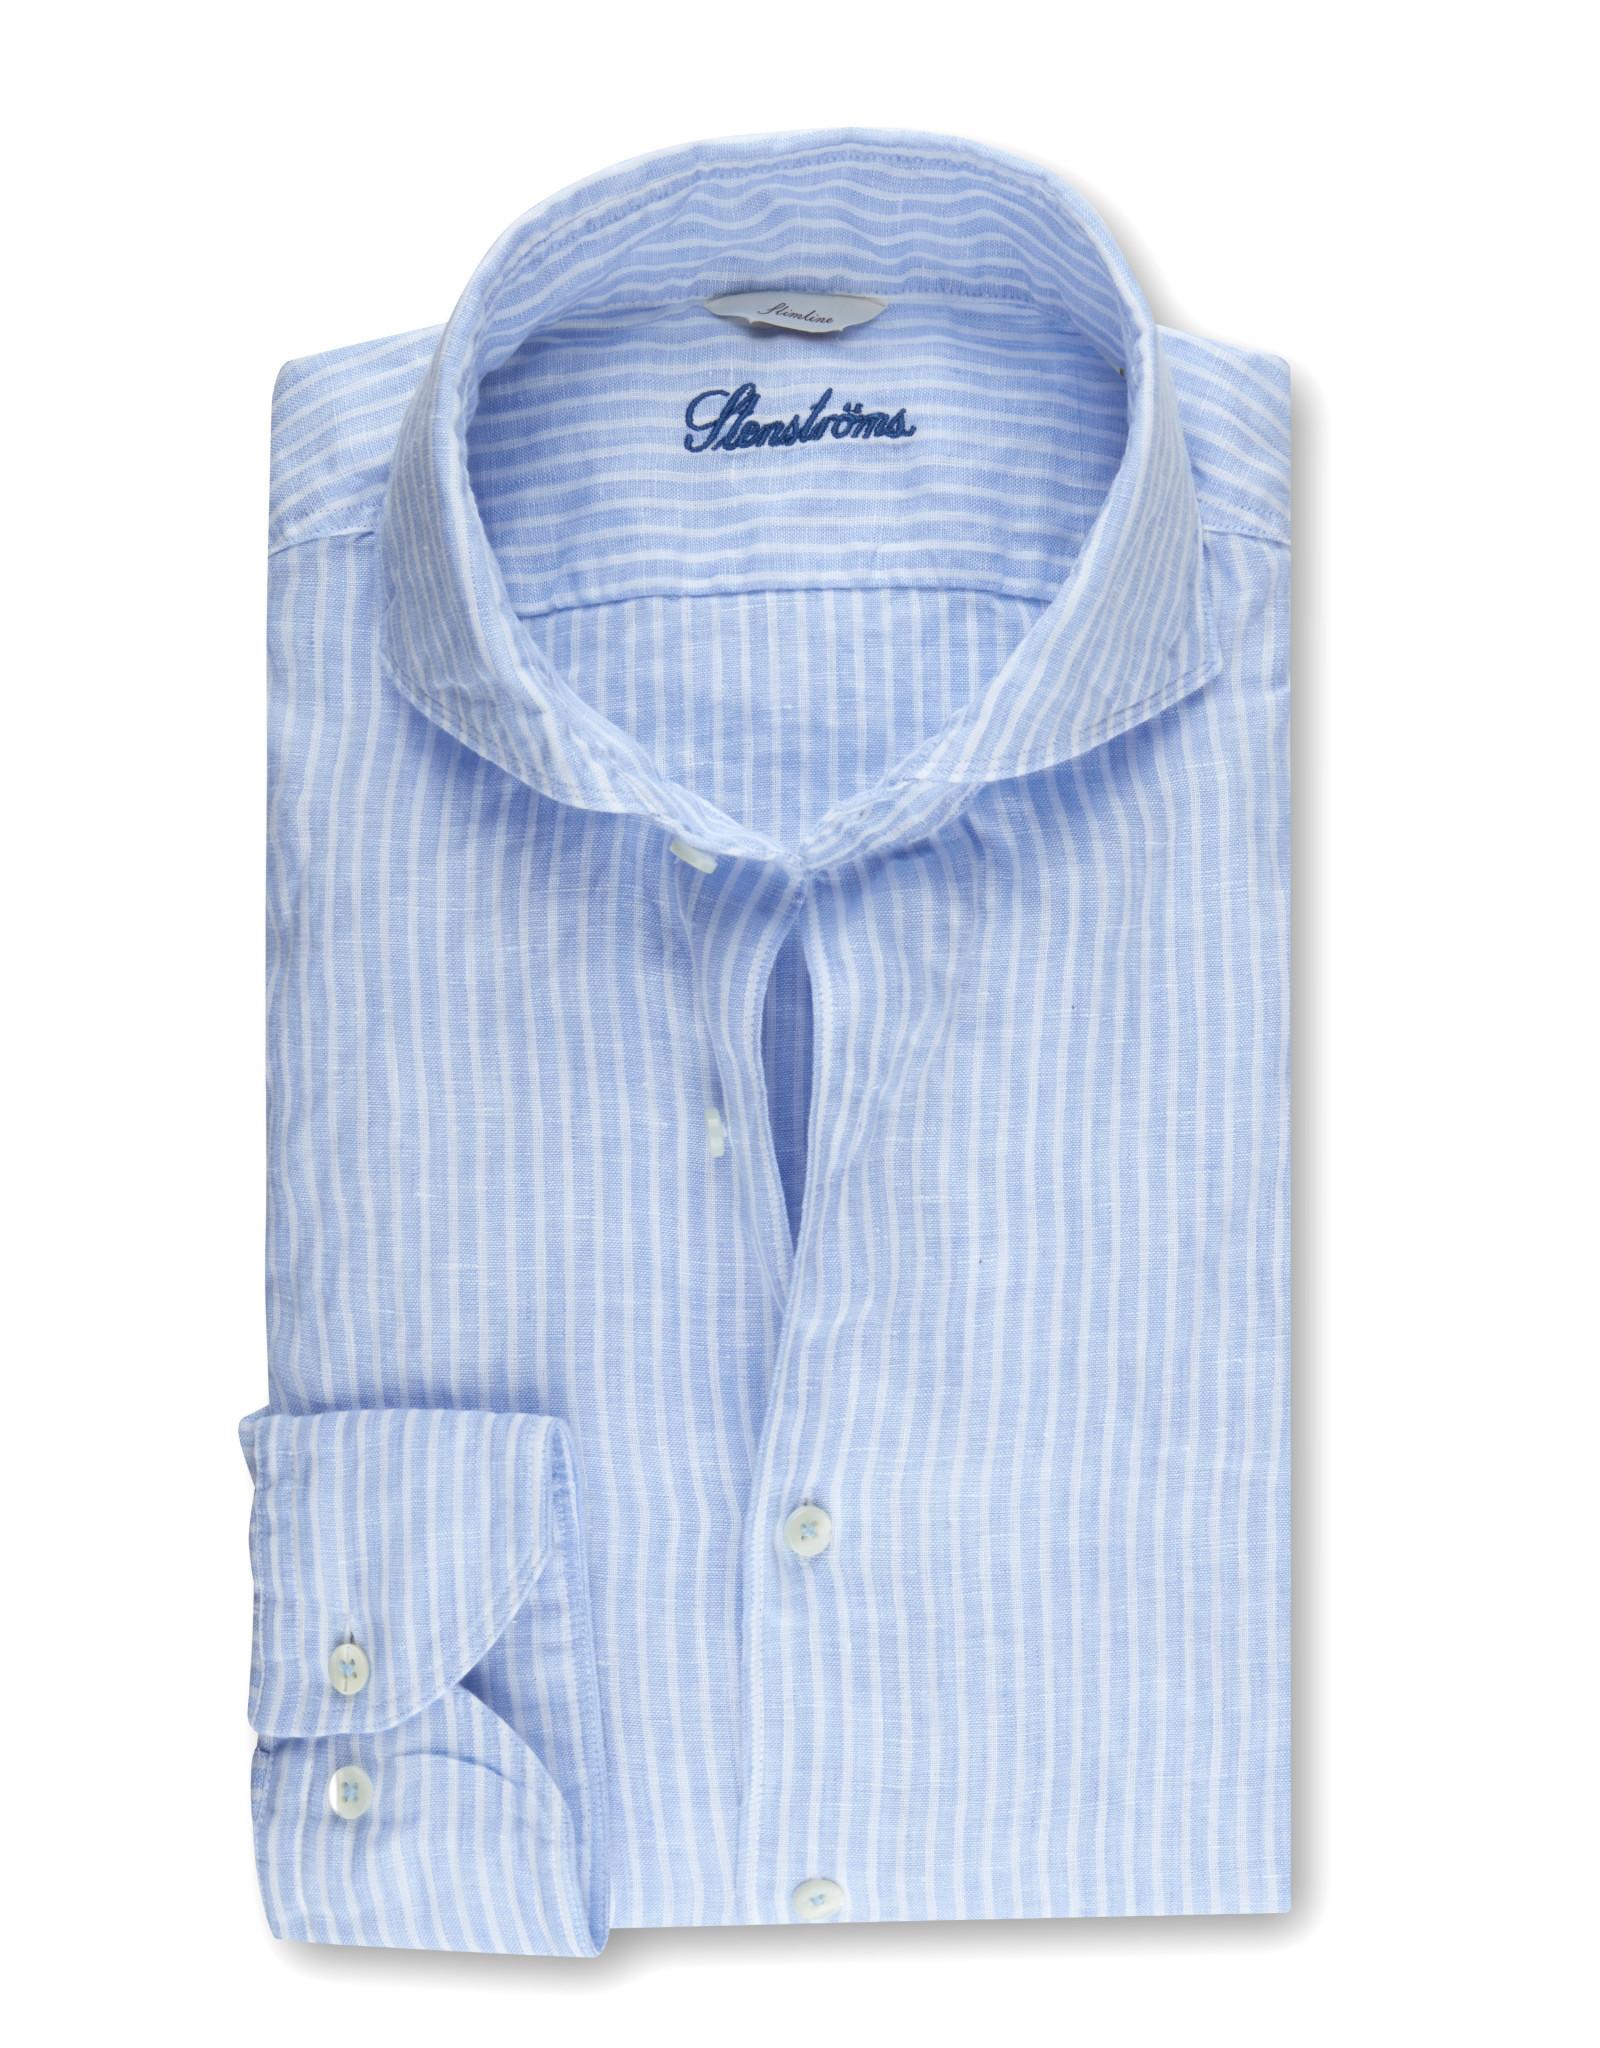 Stenströms Stenströms hemd linnen lichtblauw Slimline 775221-7959/102